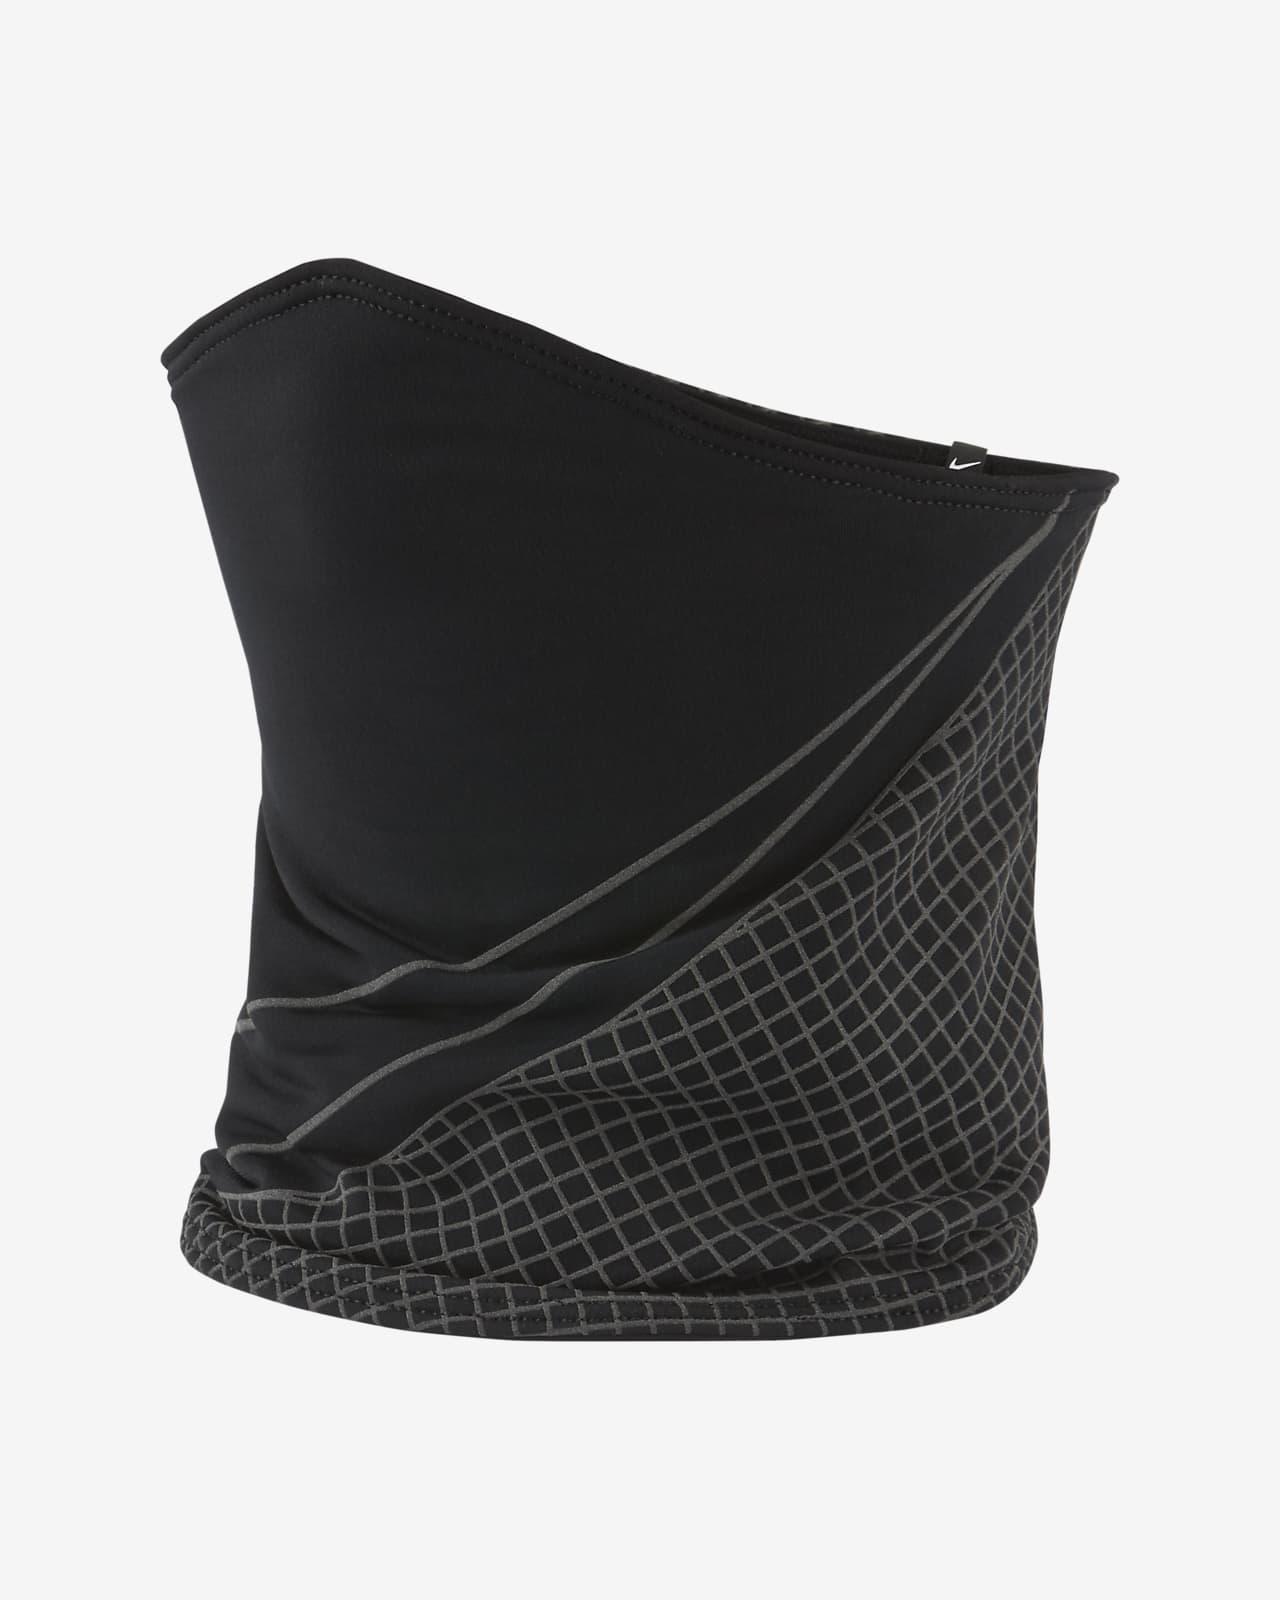 Nike Therma 360 Neck Warmer